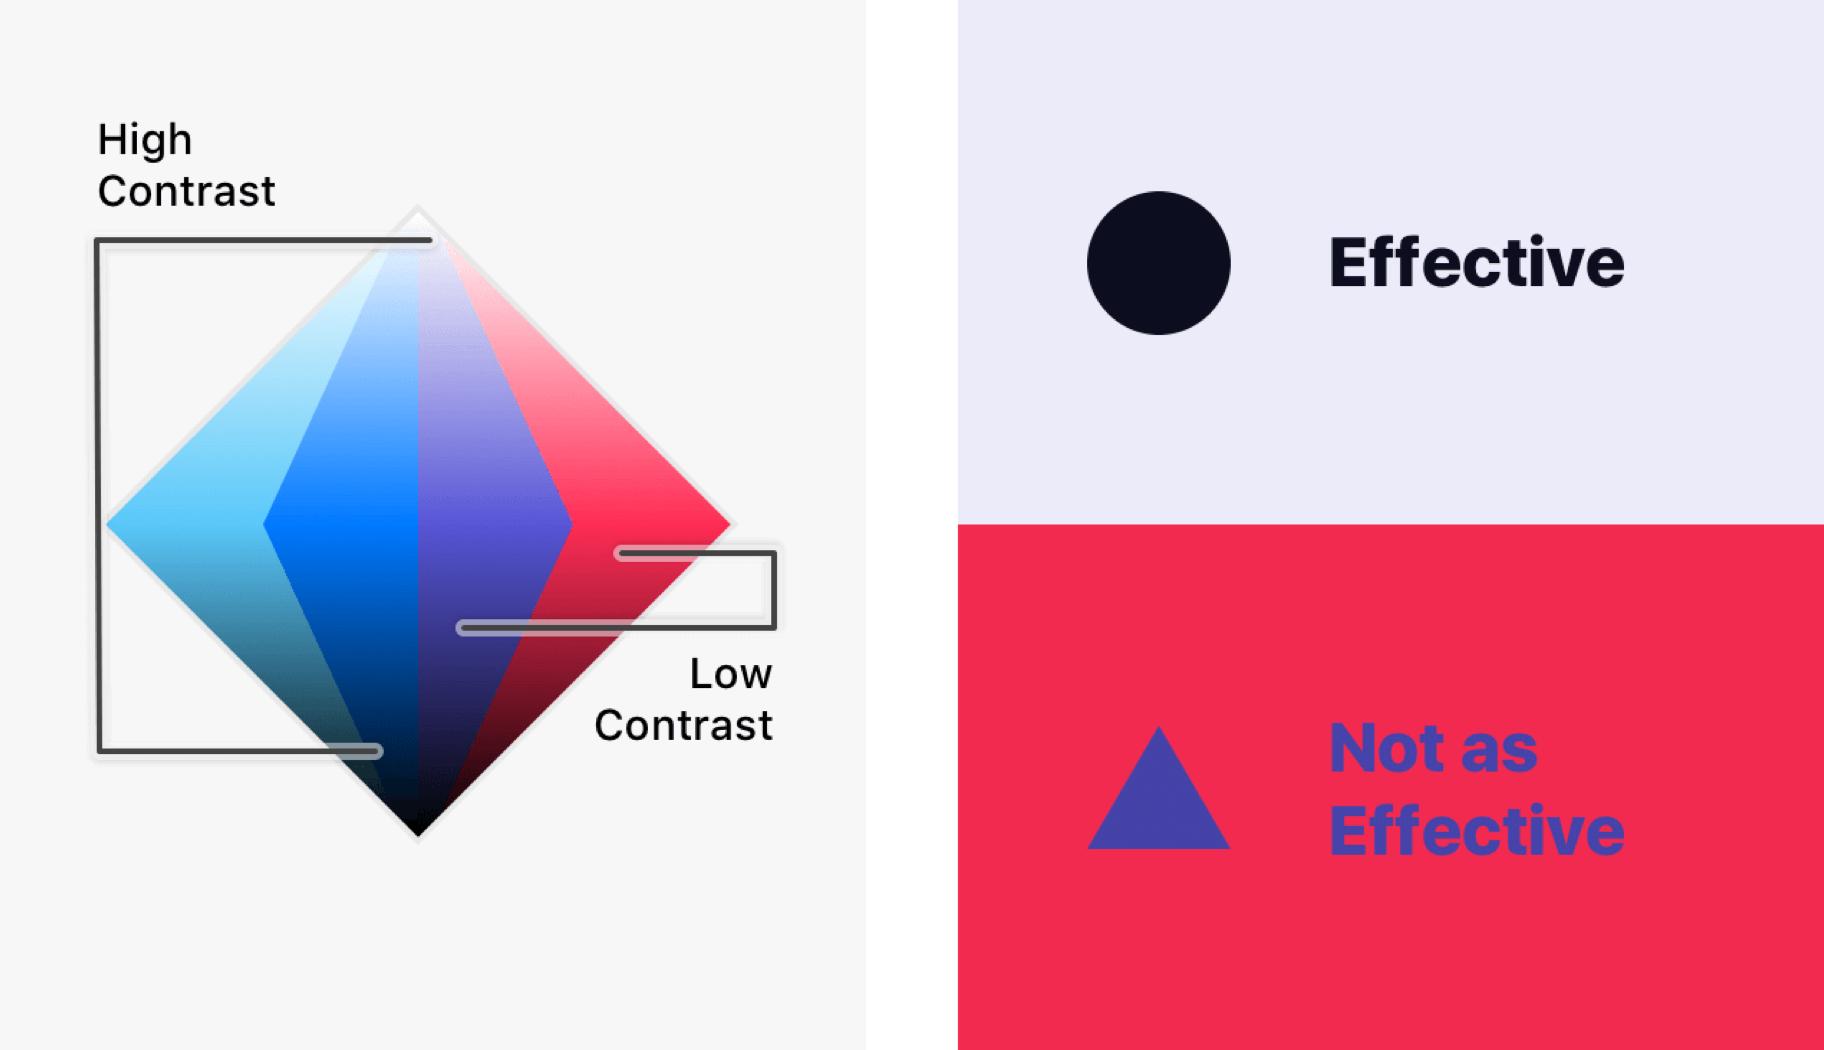 Vizuāli attēlots nepieciešamais krāsu kontrasts, lai informācija tiktu viegli uztverta.